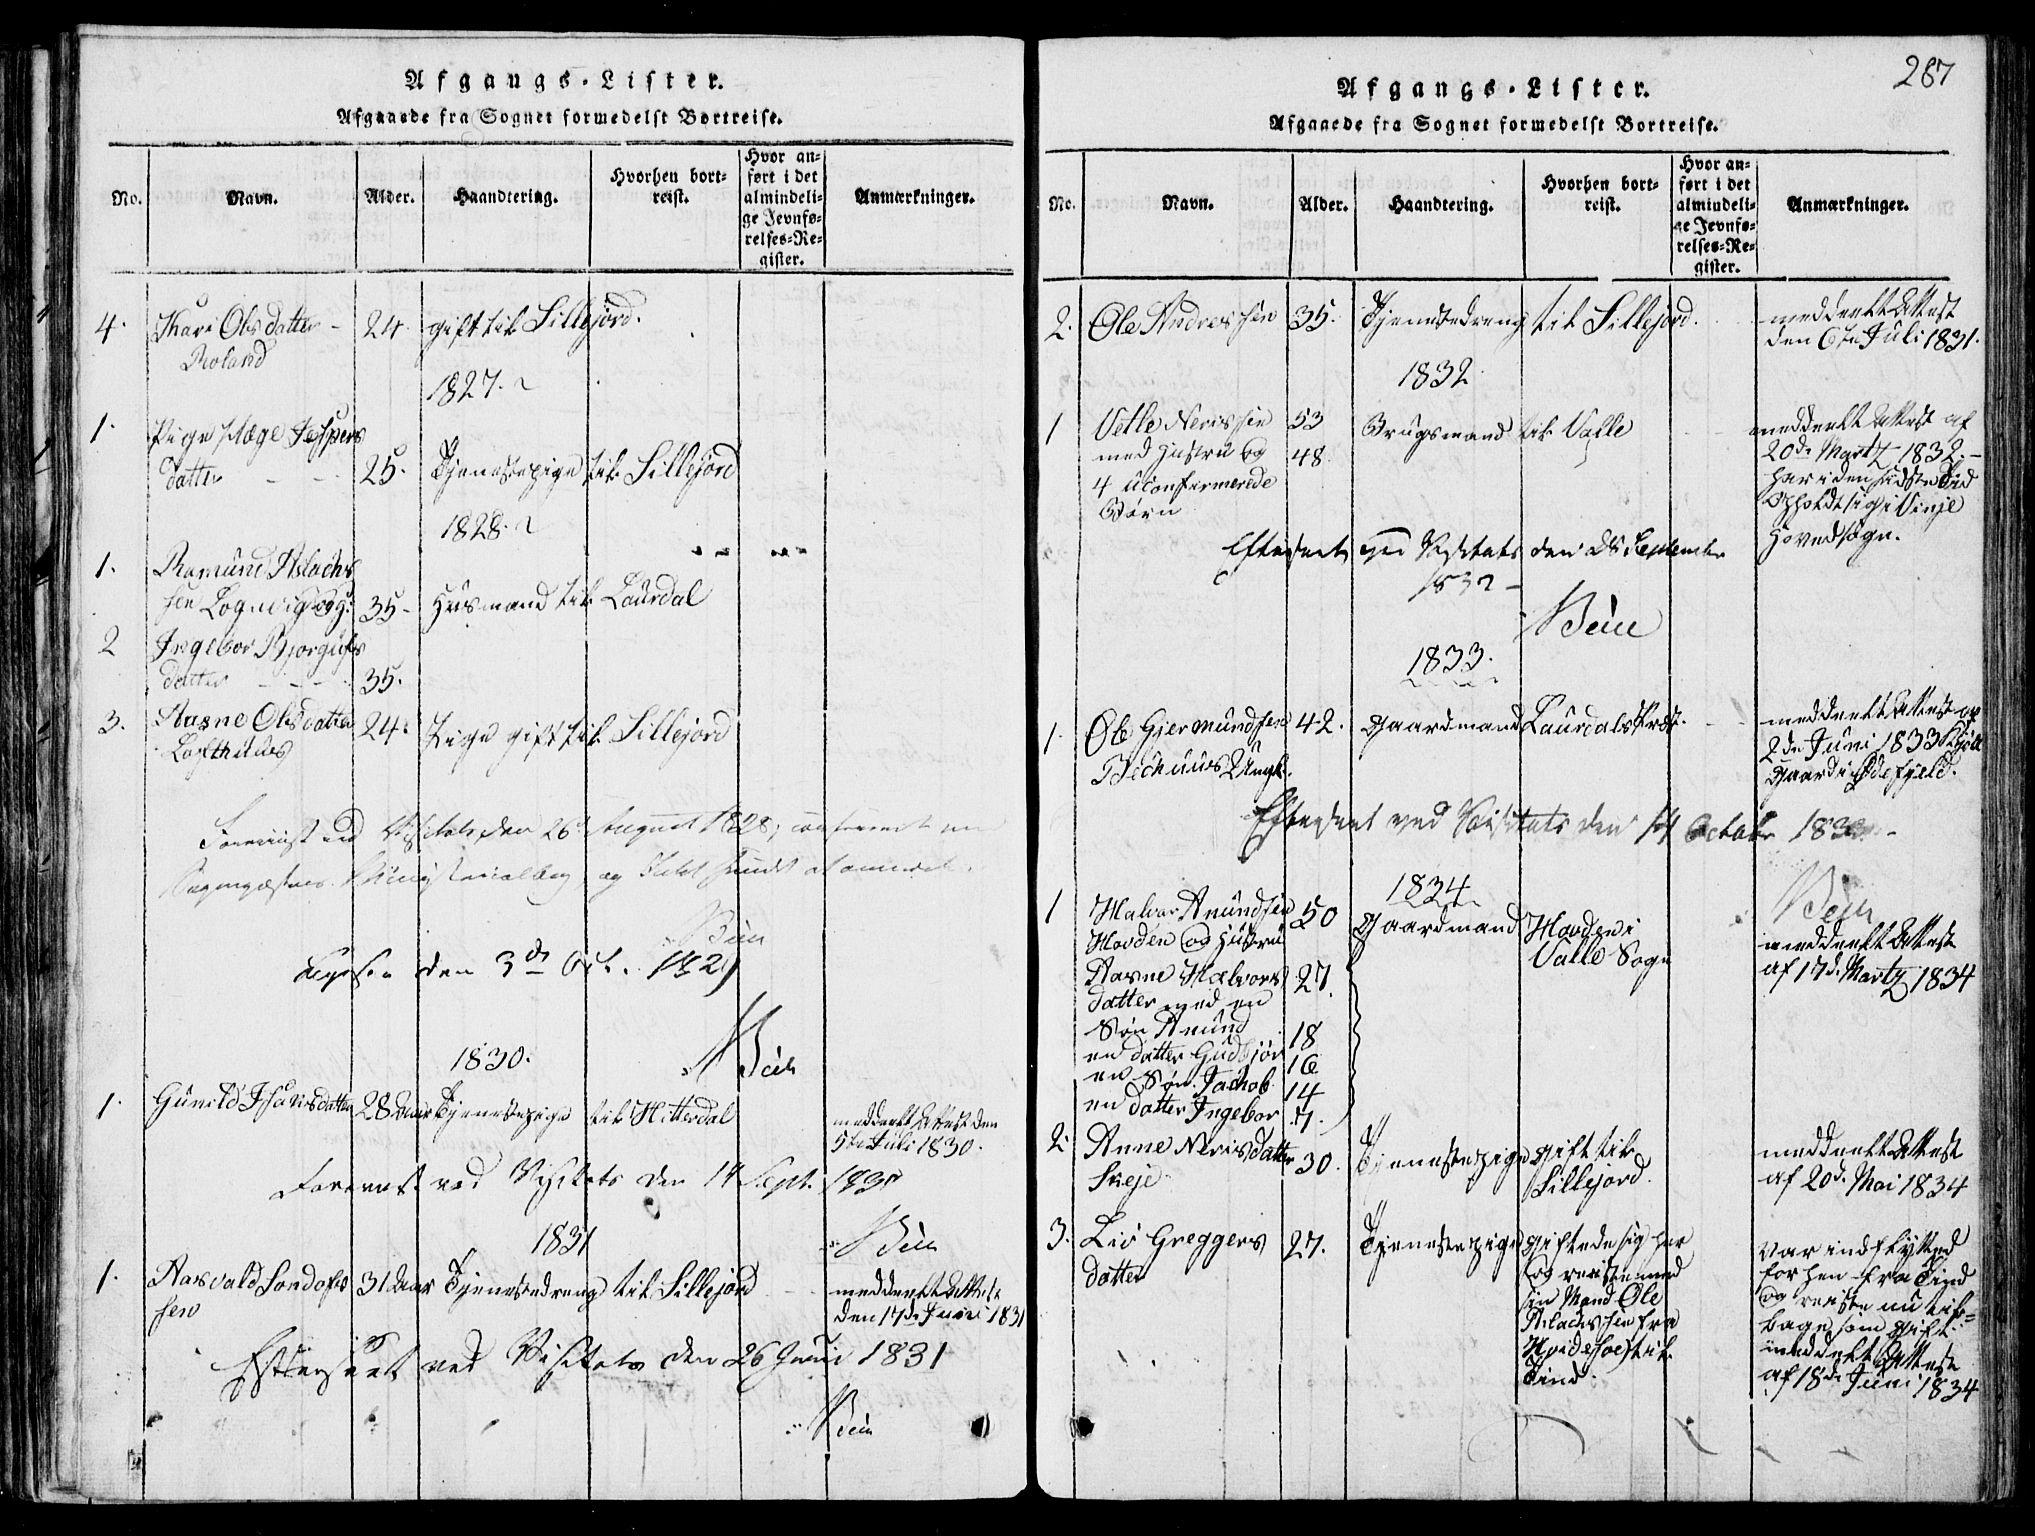 SAKO, Rauland kirkebøker, G/Ga/L0001: Klokkerbok nr. I 1, 1814-1843, s. 287